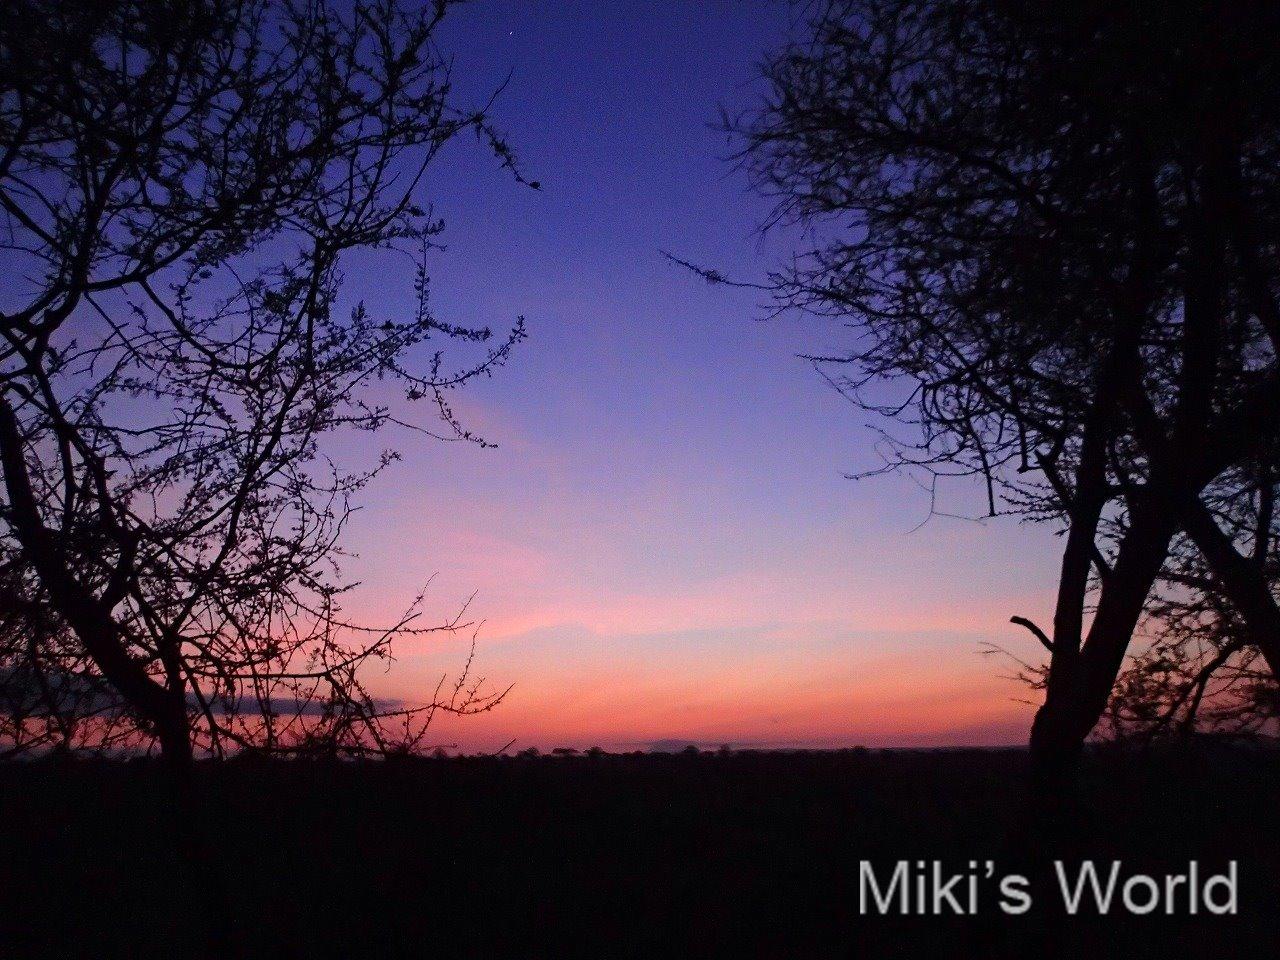 タンザニア タランギーレ国立公園 日の出の光と色の爆発がたまらない